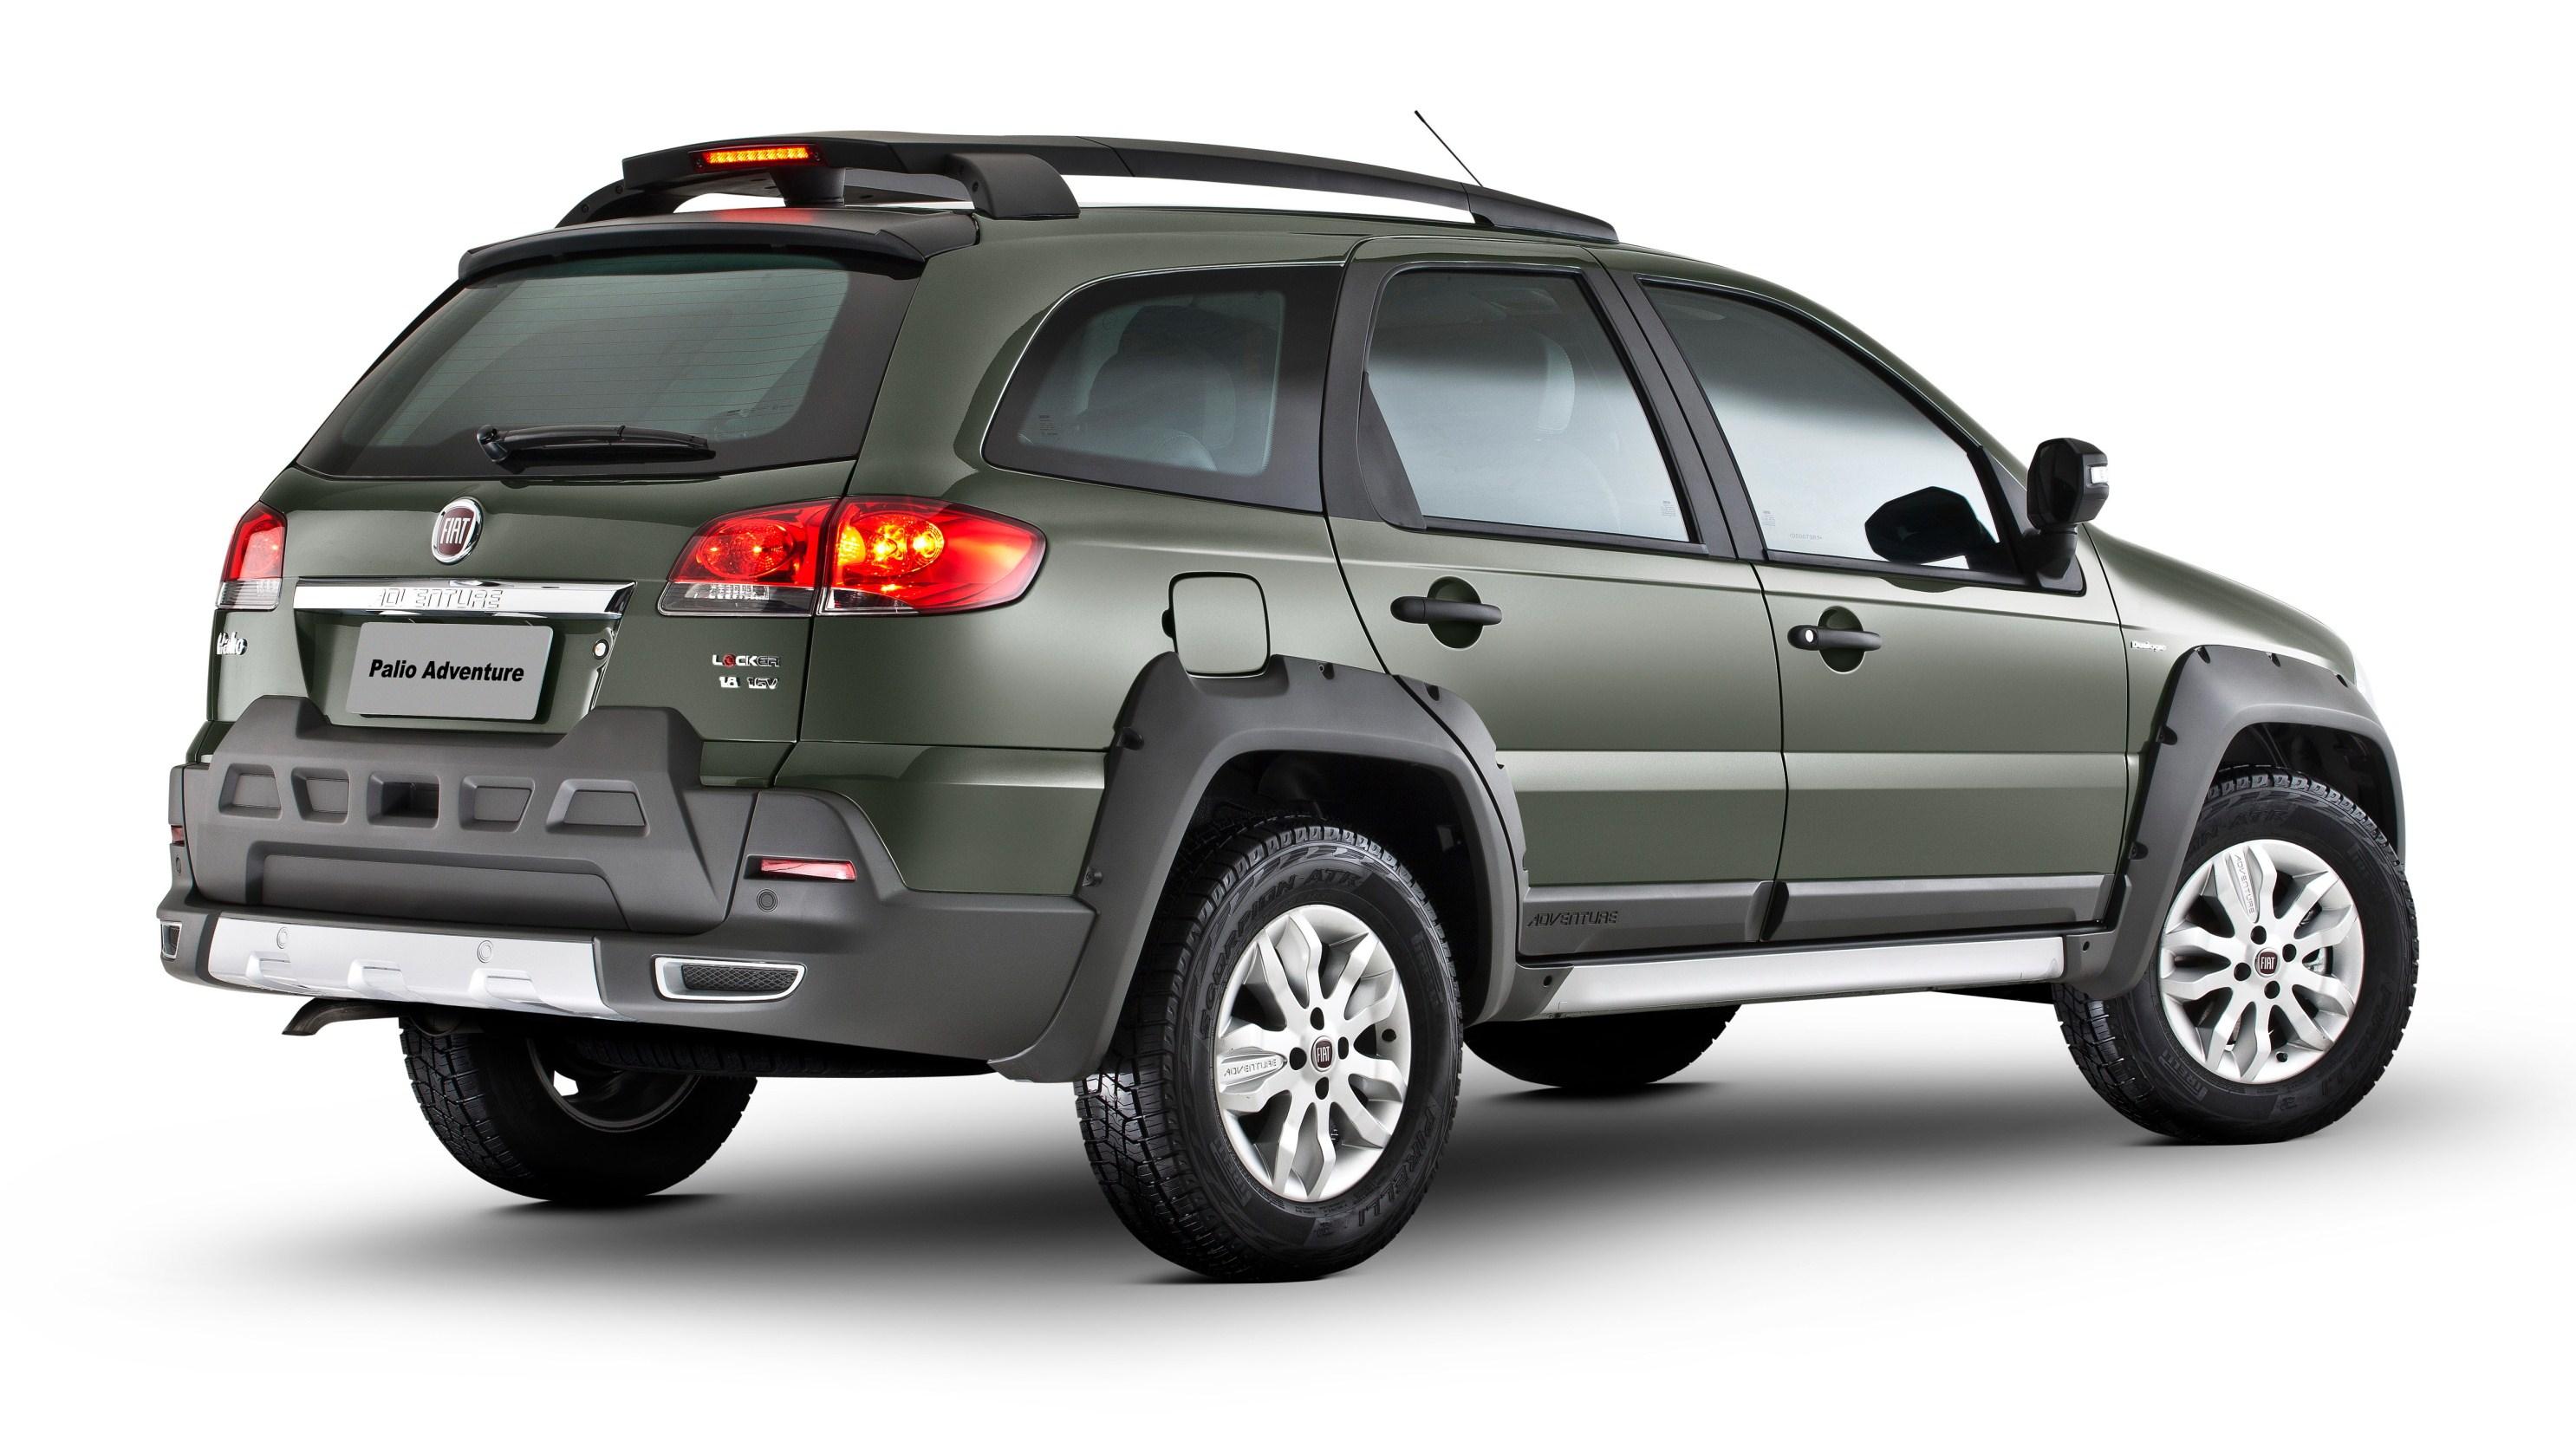 Fiat presenta el renovado palio weekend en 3 versiones for Fiat adventure precio